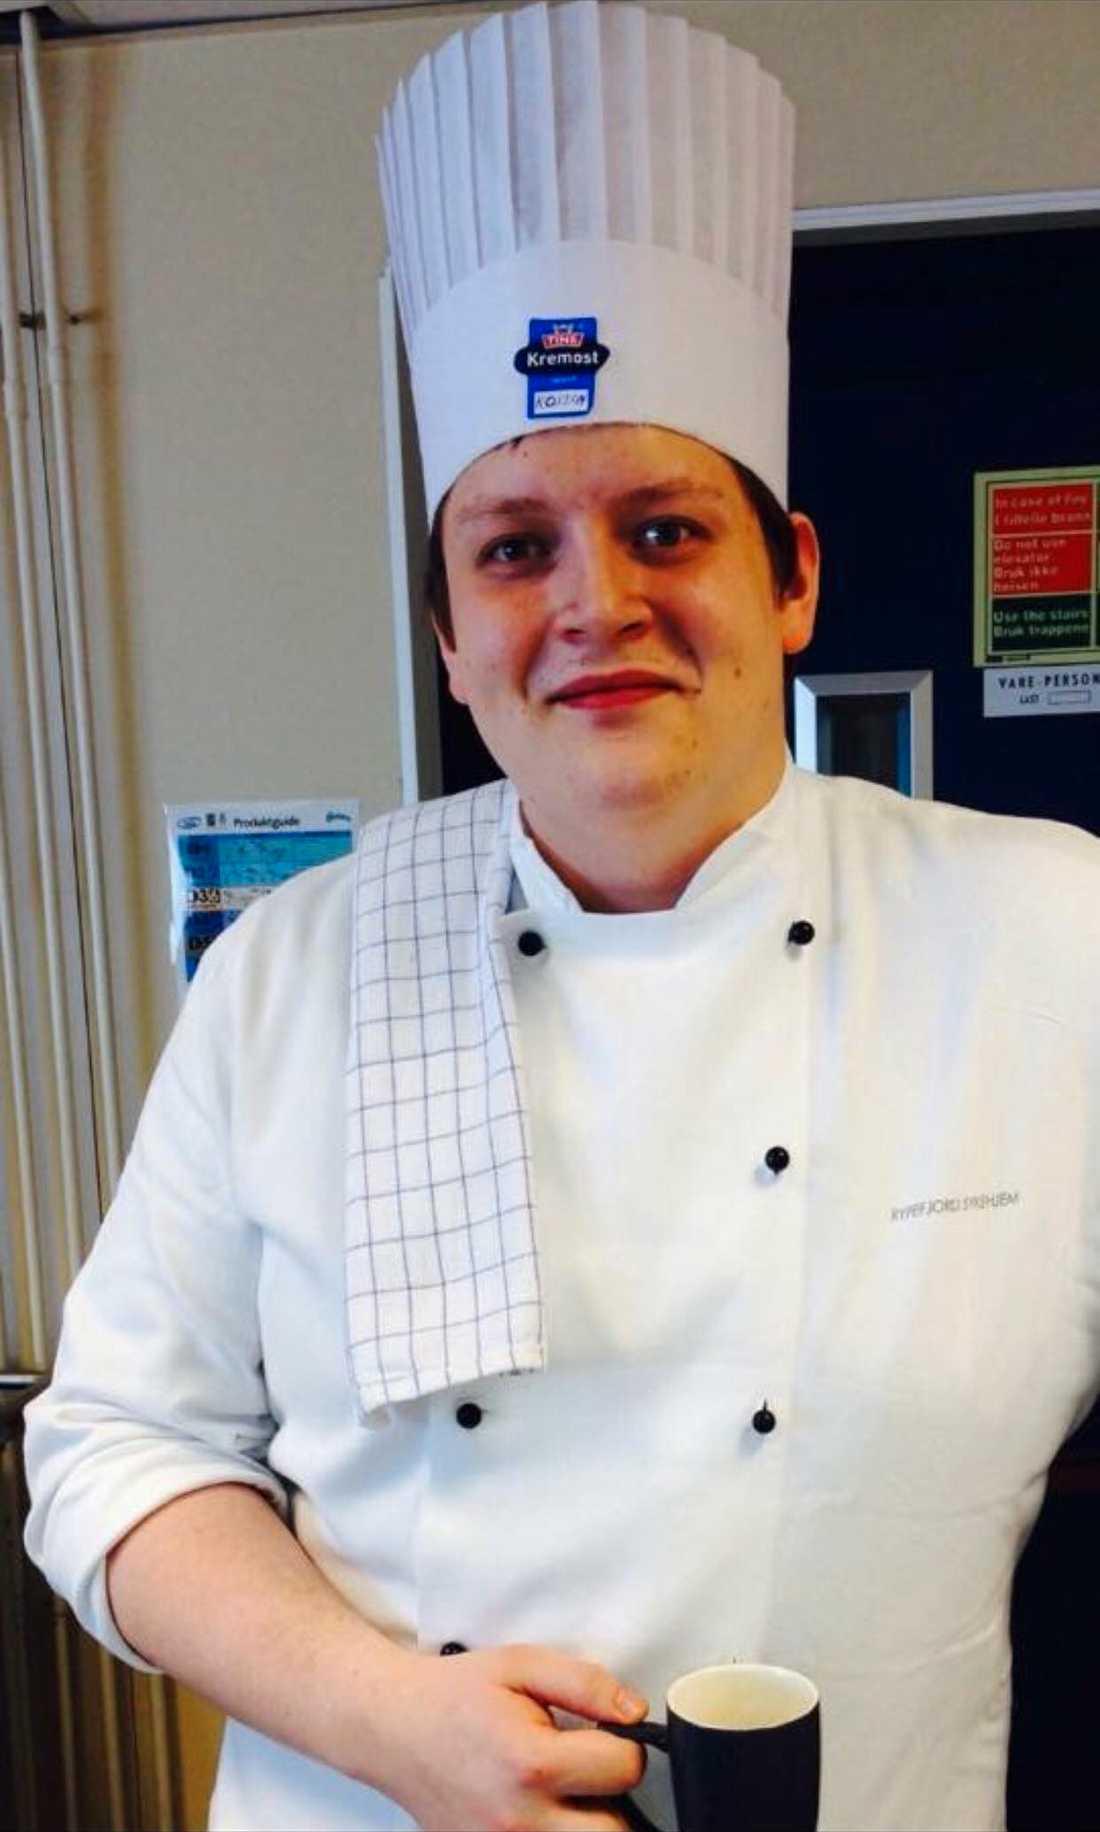 Marius var utbildad kock och hade precis fått nytt jobb när han dog.